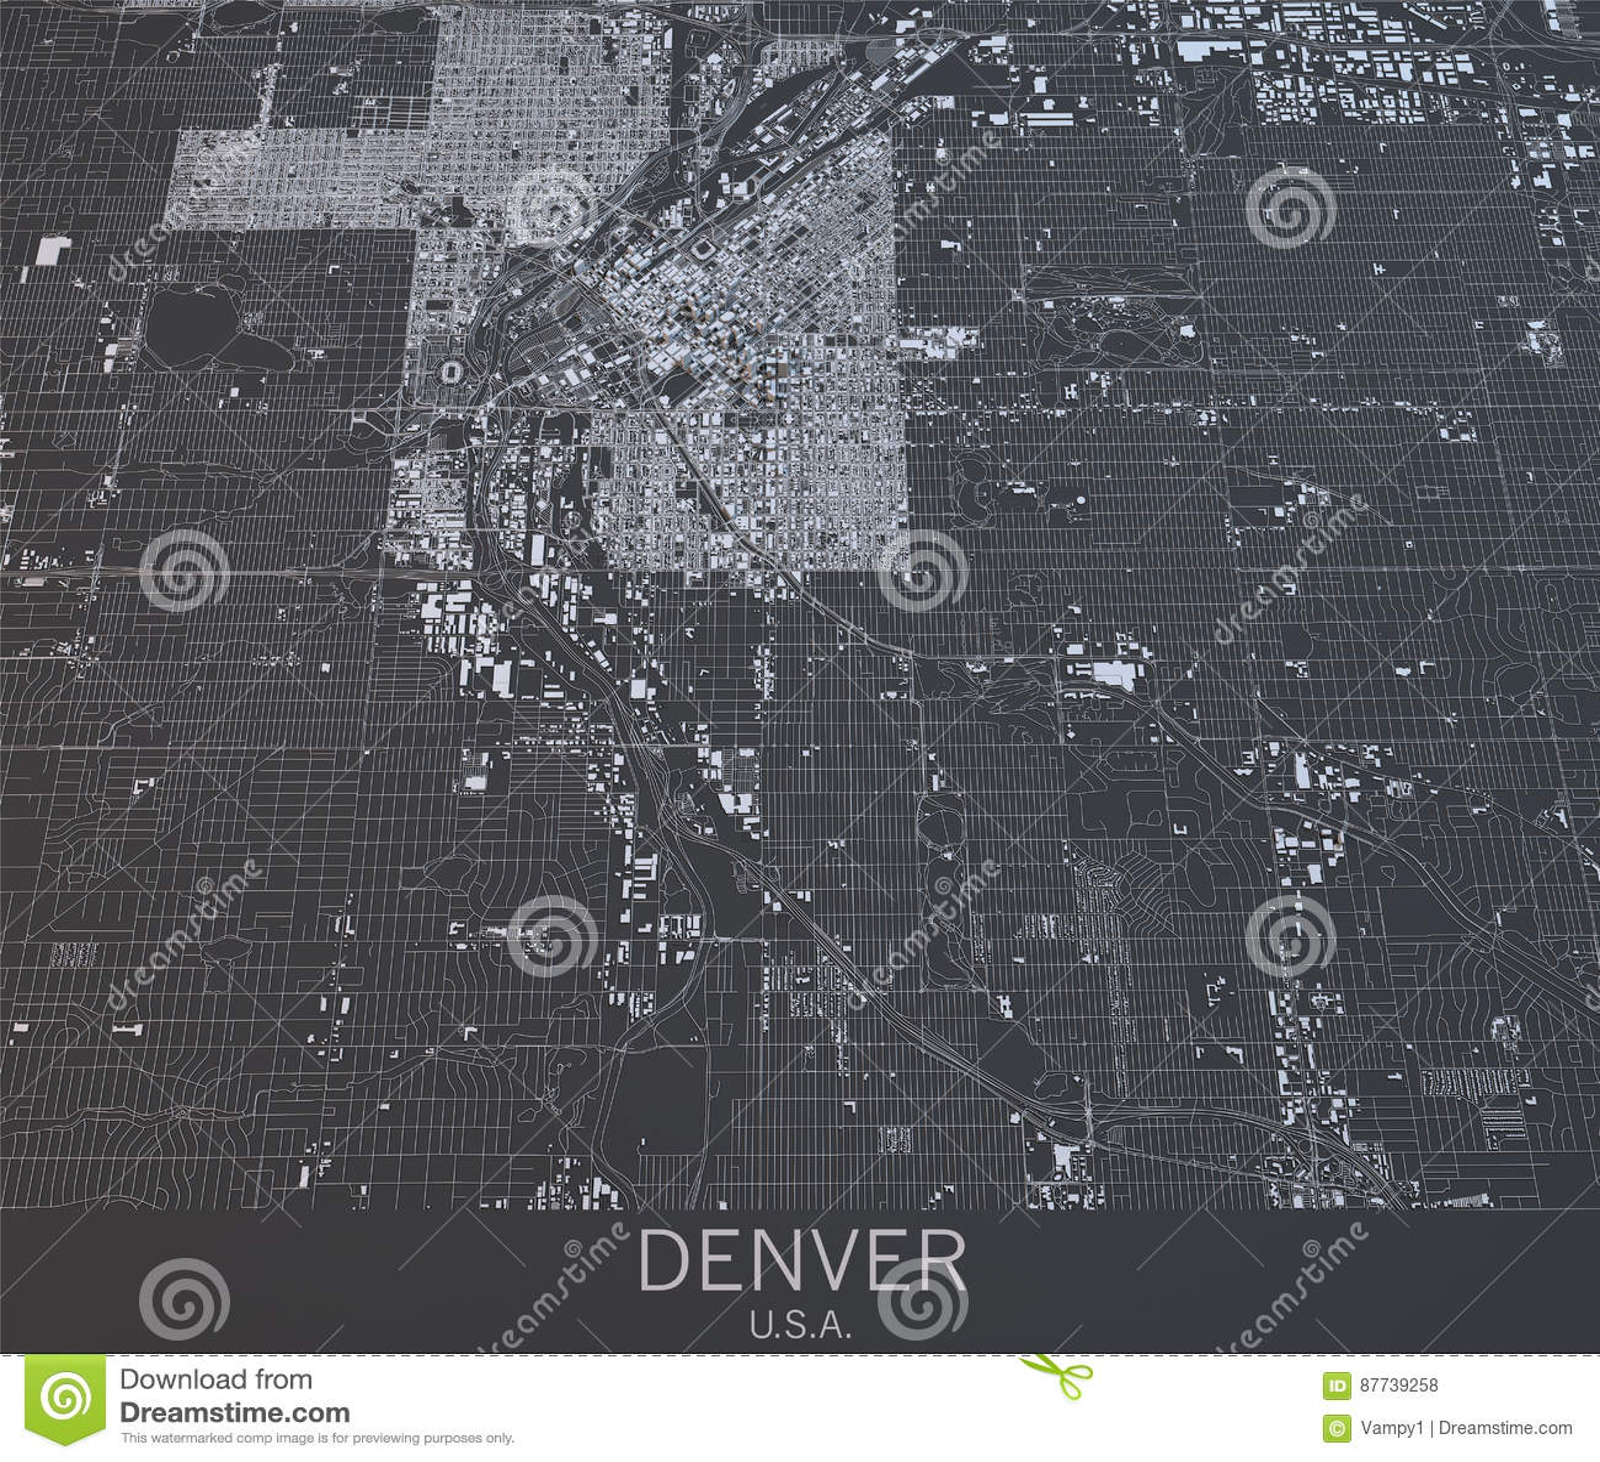 Denver Map, Satellite View, United States. Stock Illustration ... on